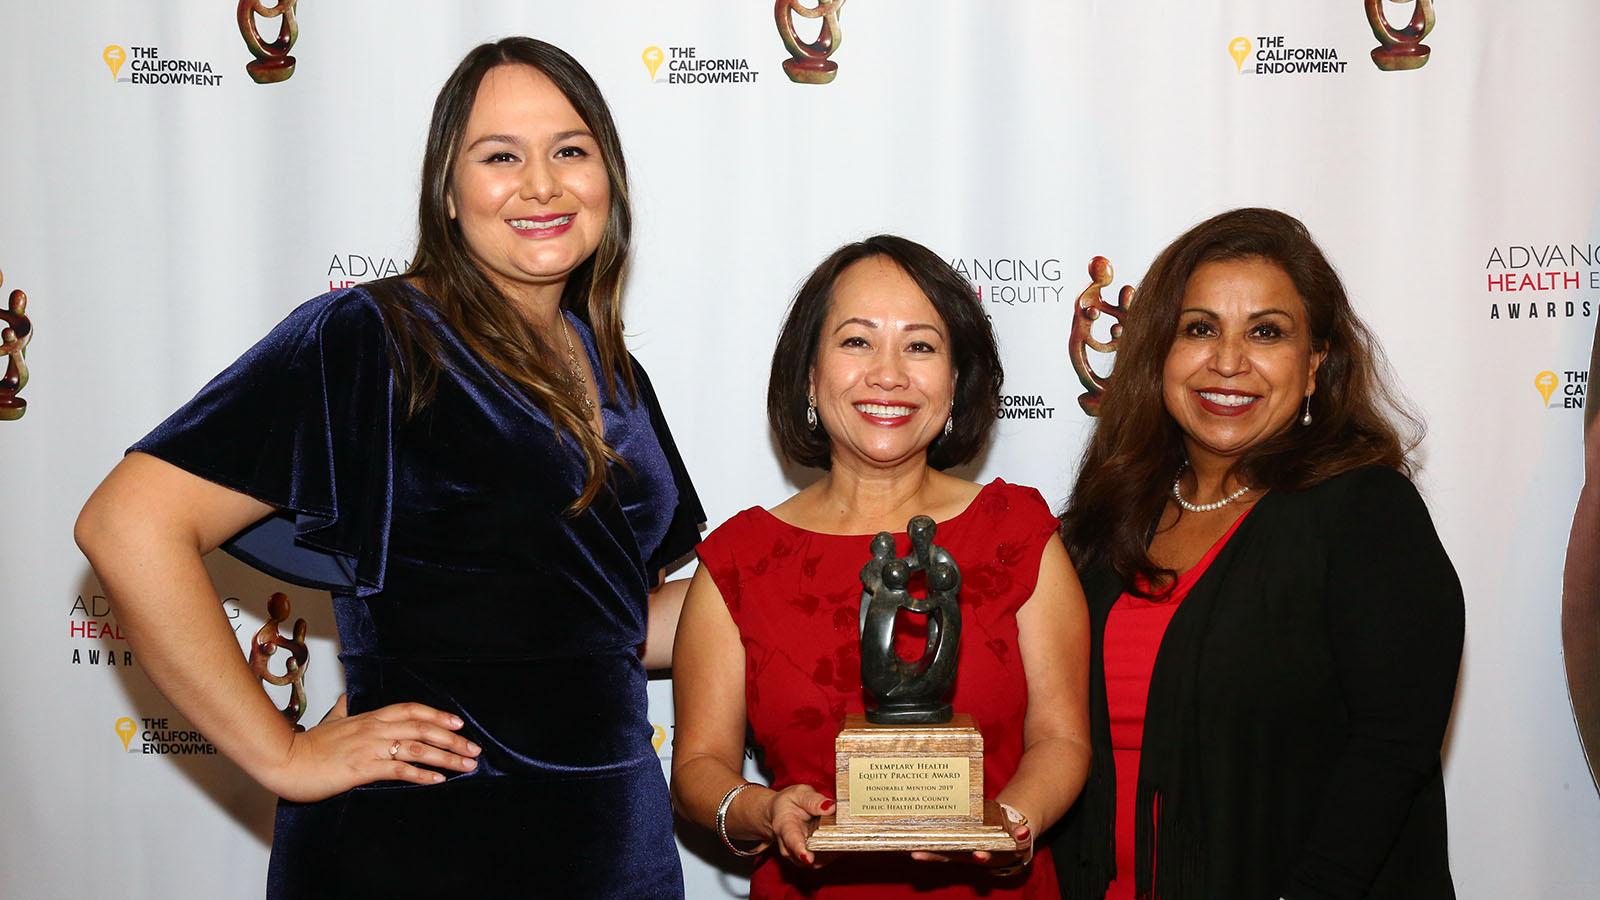 Santa Barbara County - 2019 Awardee